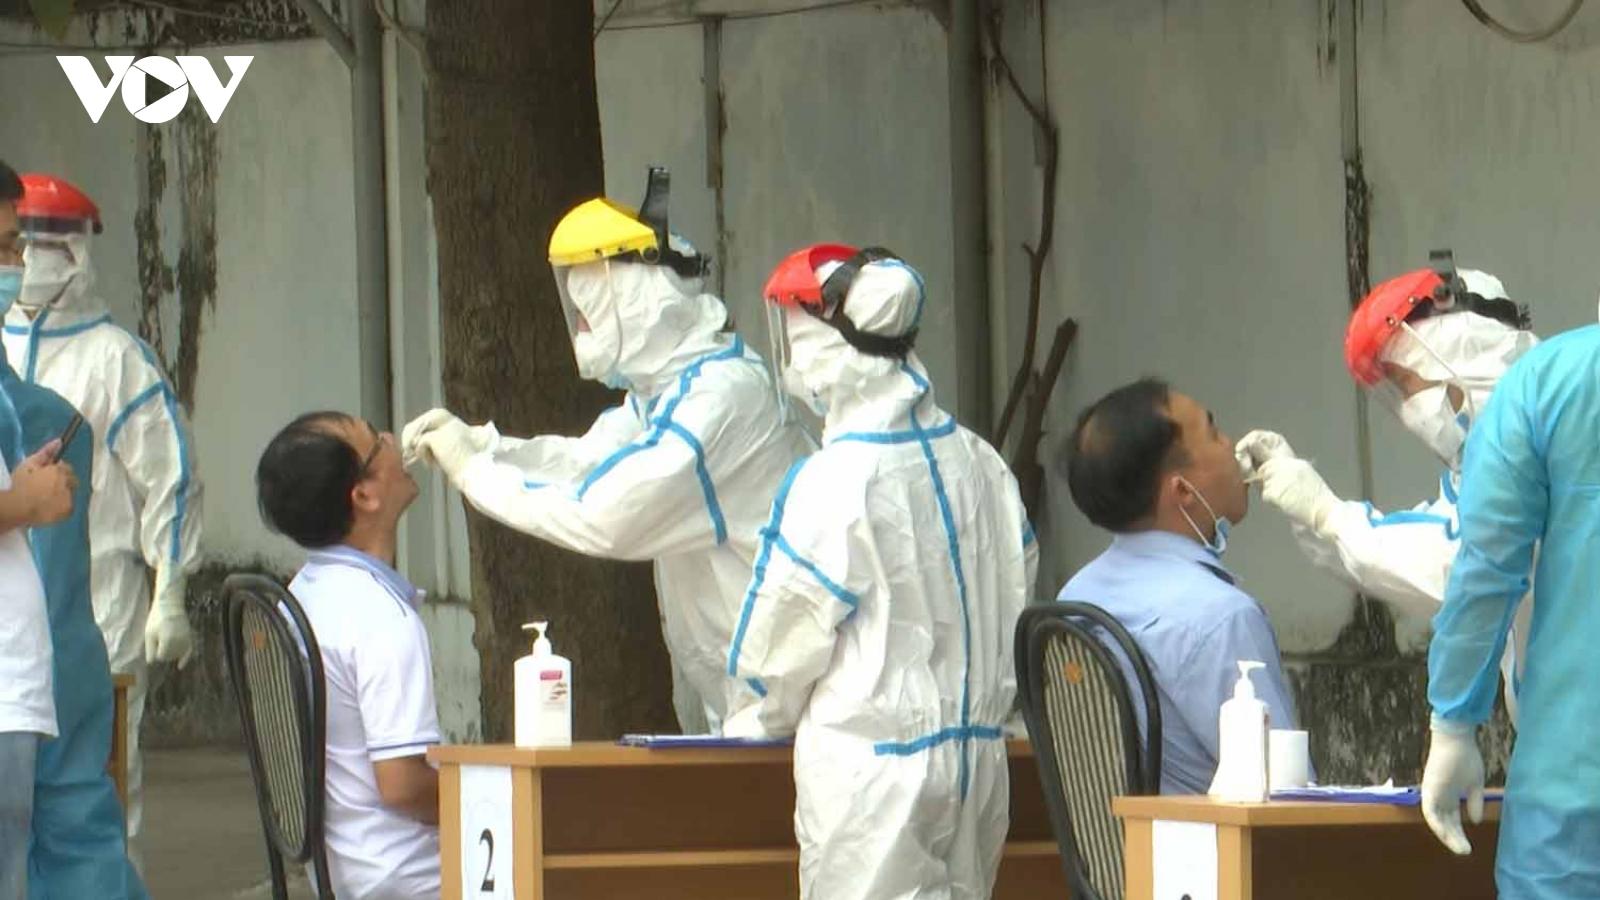 100% mẫu xét nghiệm SARS-CoV-2 của cán bộ, viên chức Bà Rịa Vũng Tàu kết quả âm tính